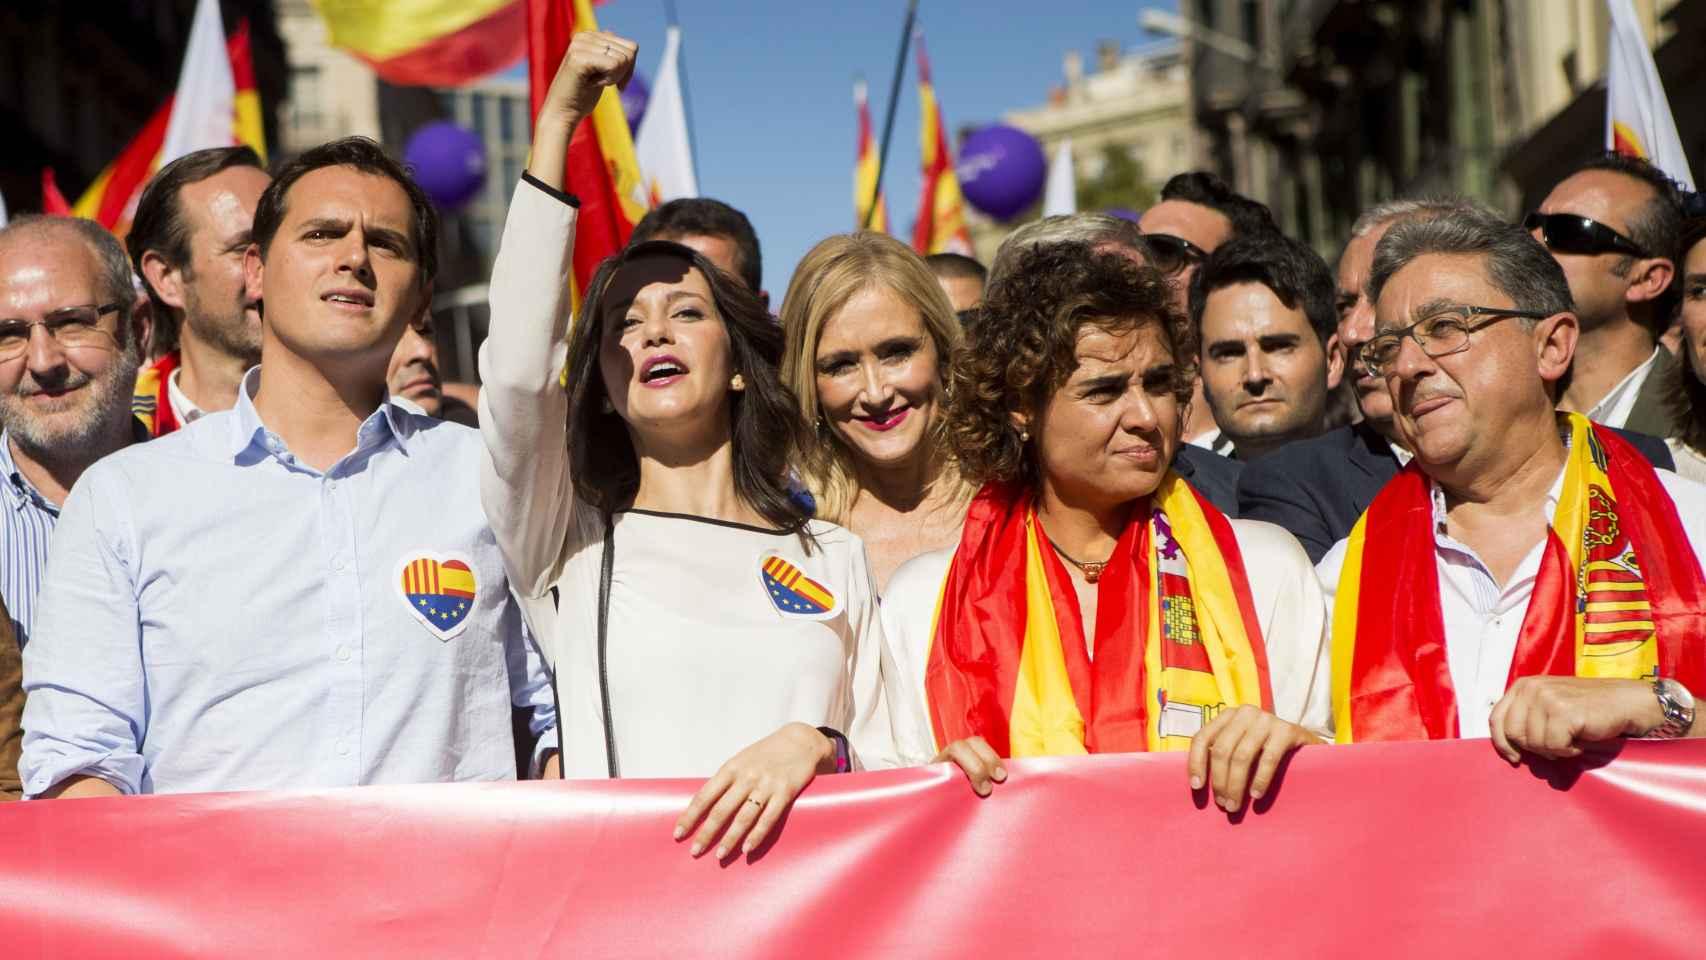 Las caras conocidas en la manifestación por la unidad de España en Barcelona